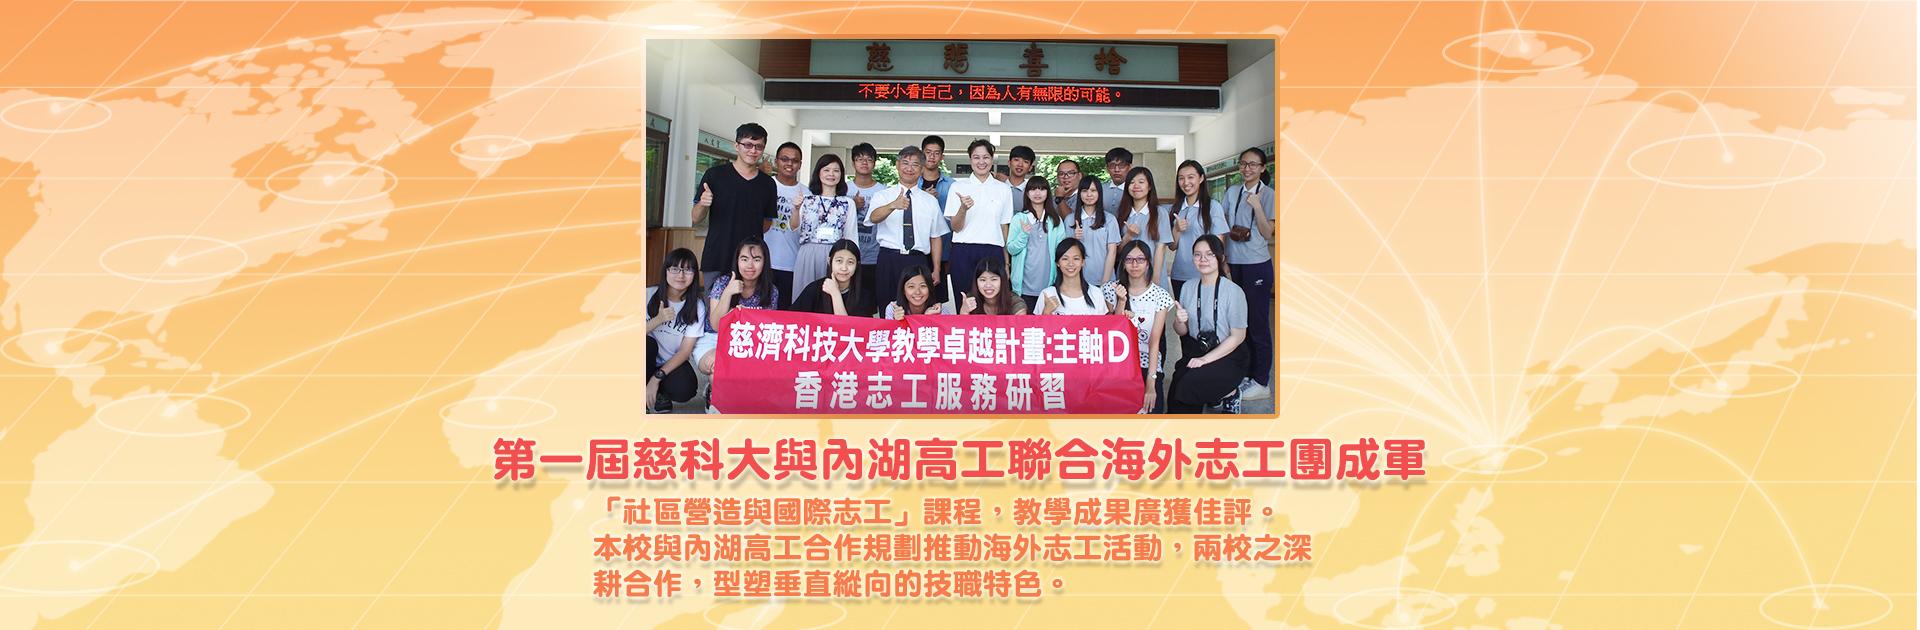 第一屆慈科大與內湖高工聯合海外志工團成軍